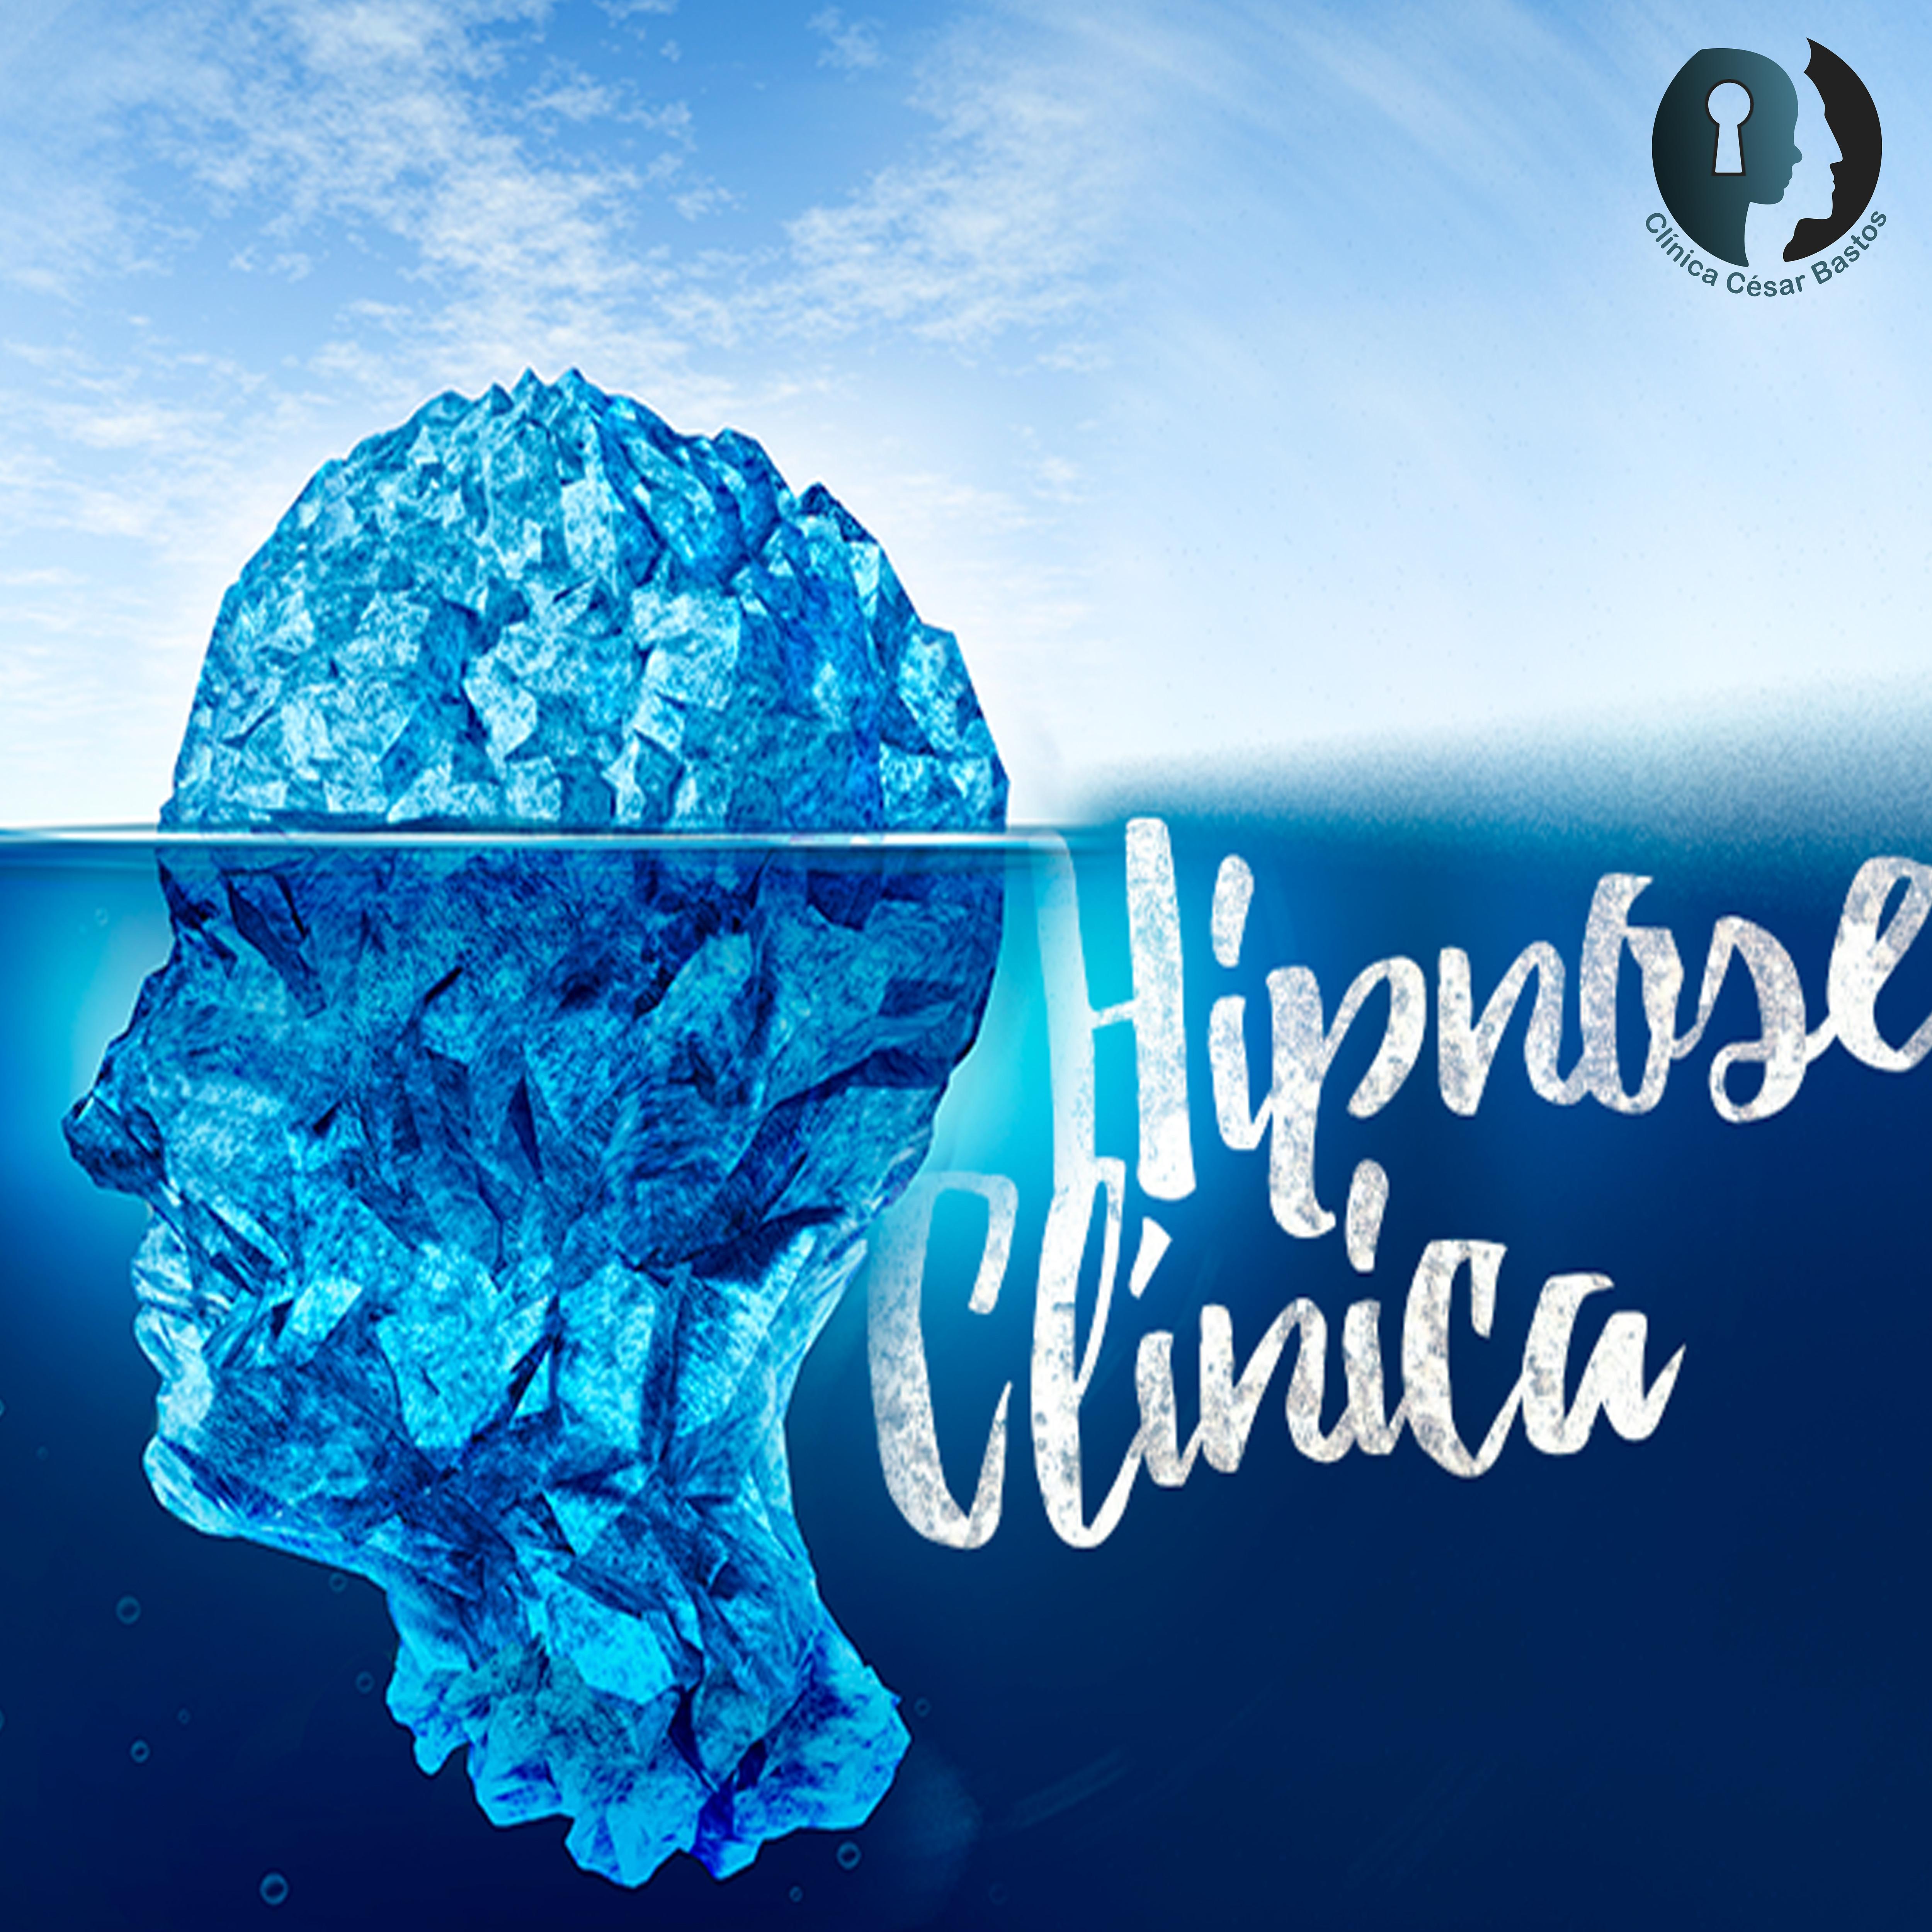 Hipnose Cliníca